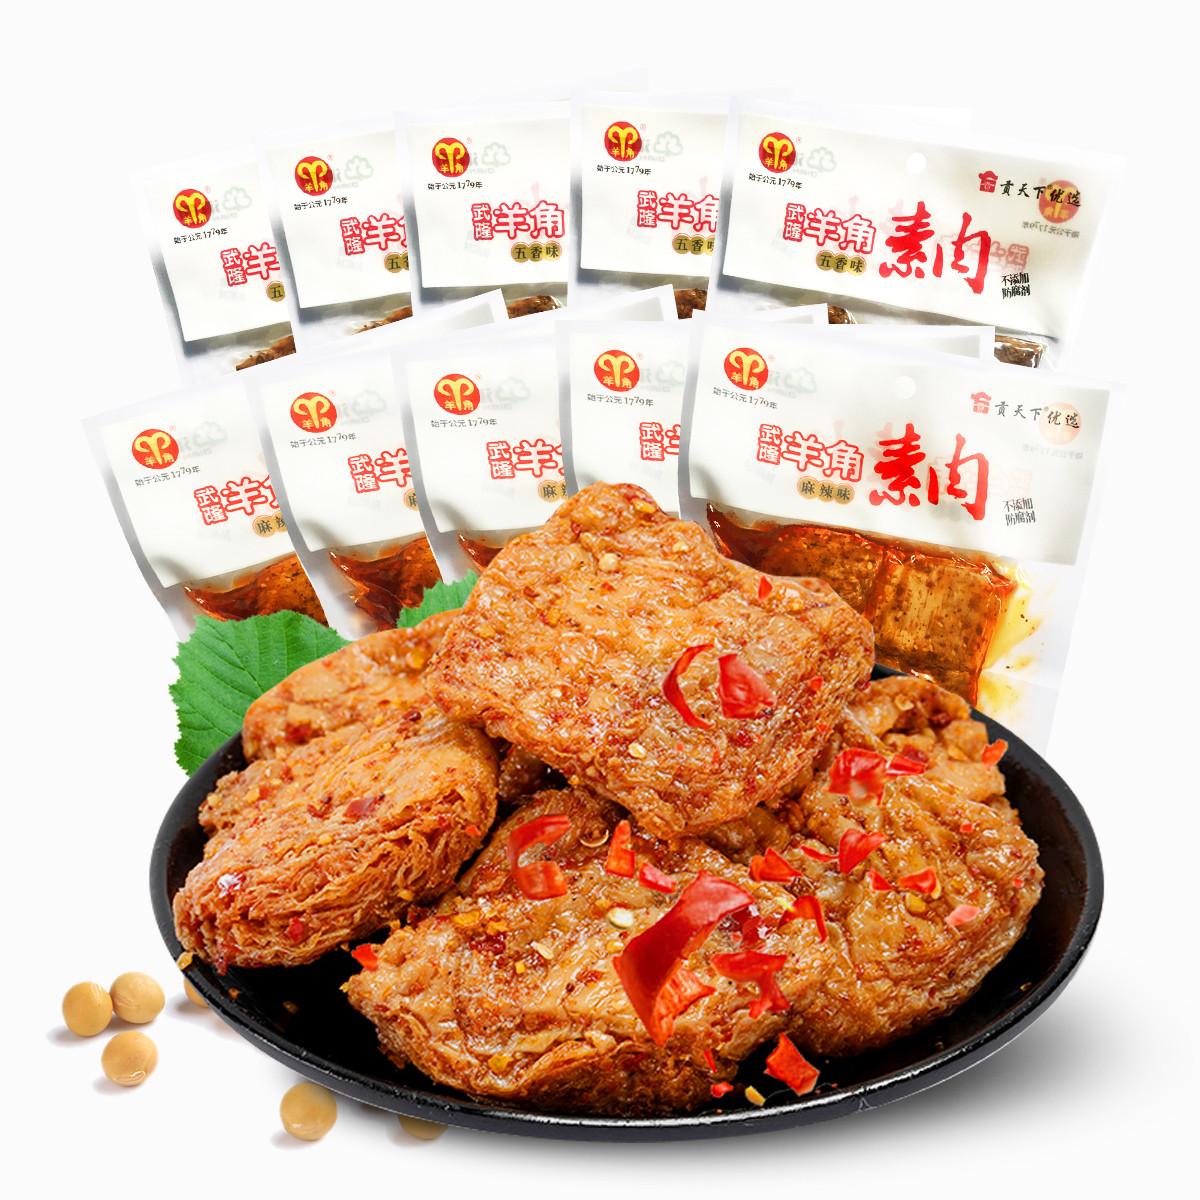 贡天下重庆特产羊角豆干手撕素肉休闲零食麻辣五香味豆干250g*10COLOR其它颜色